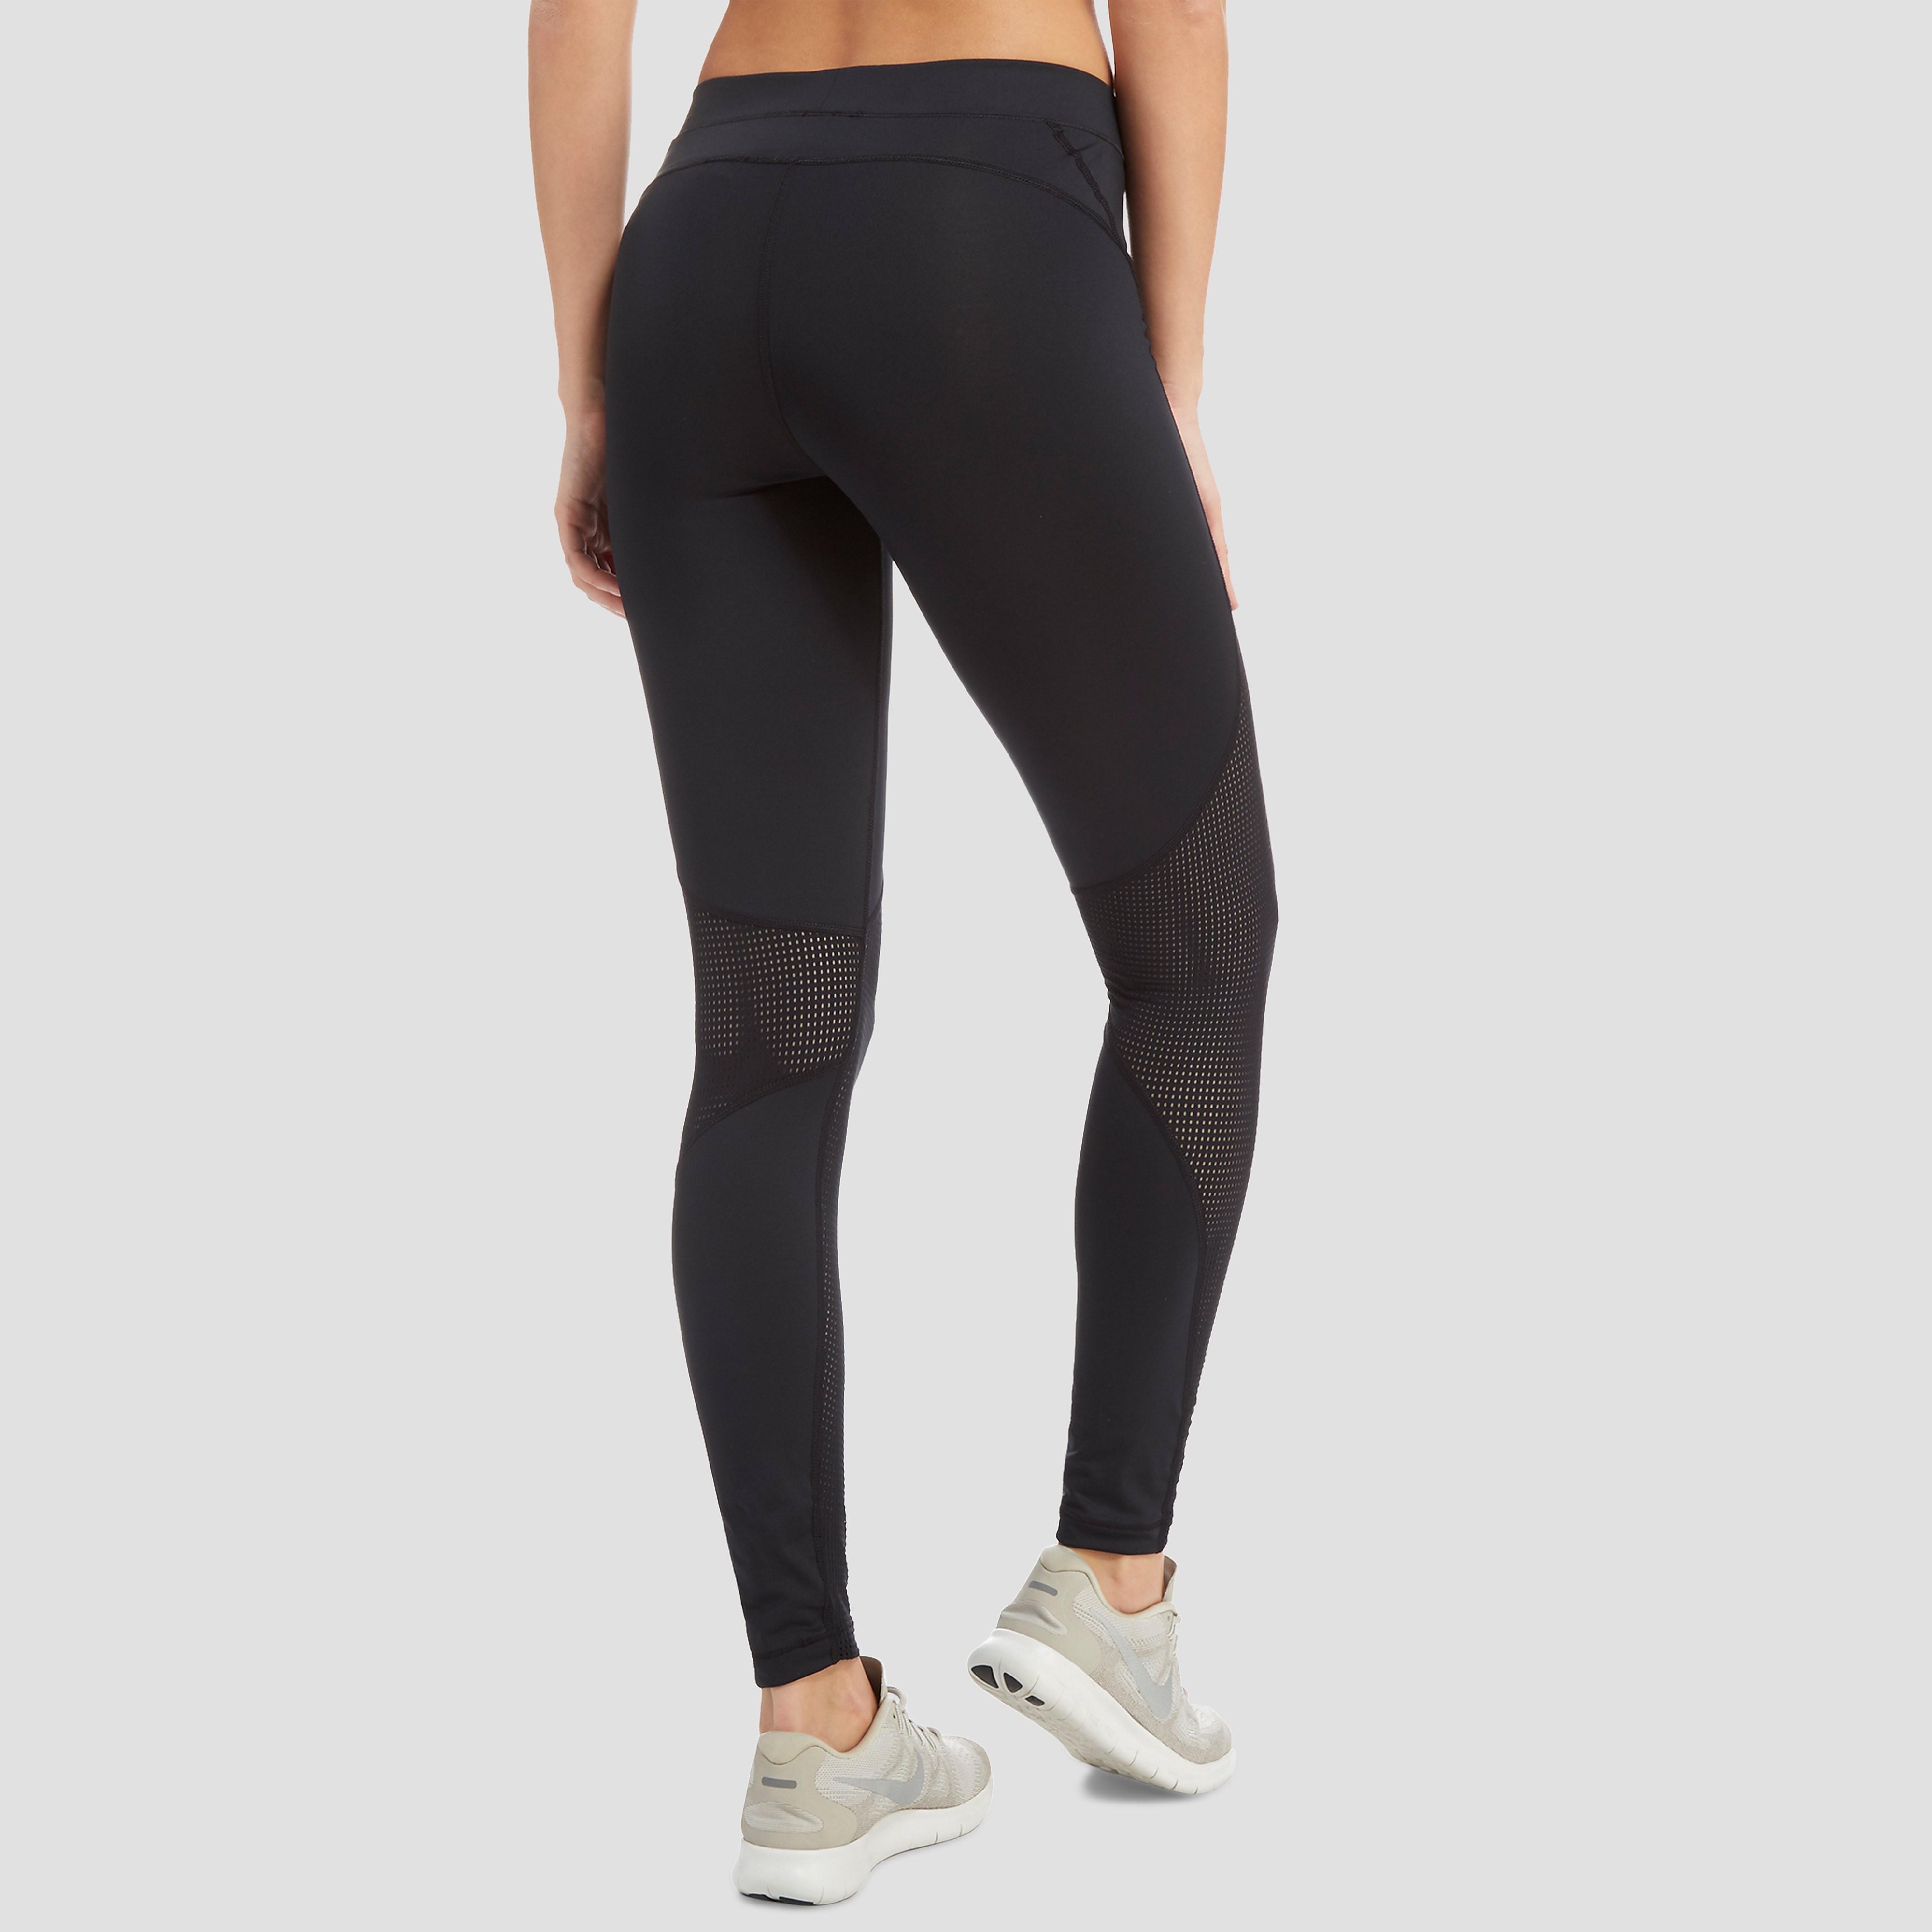 Nike Pro Hypercool Women's Tights